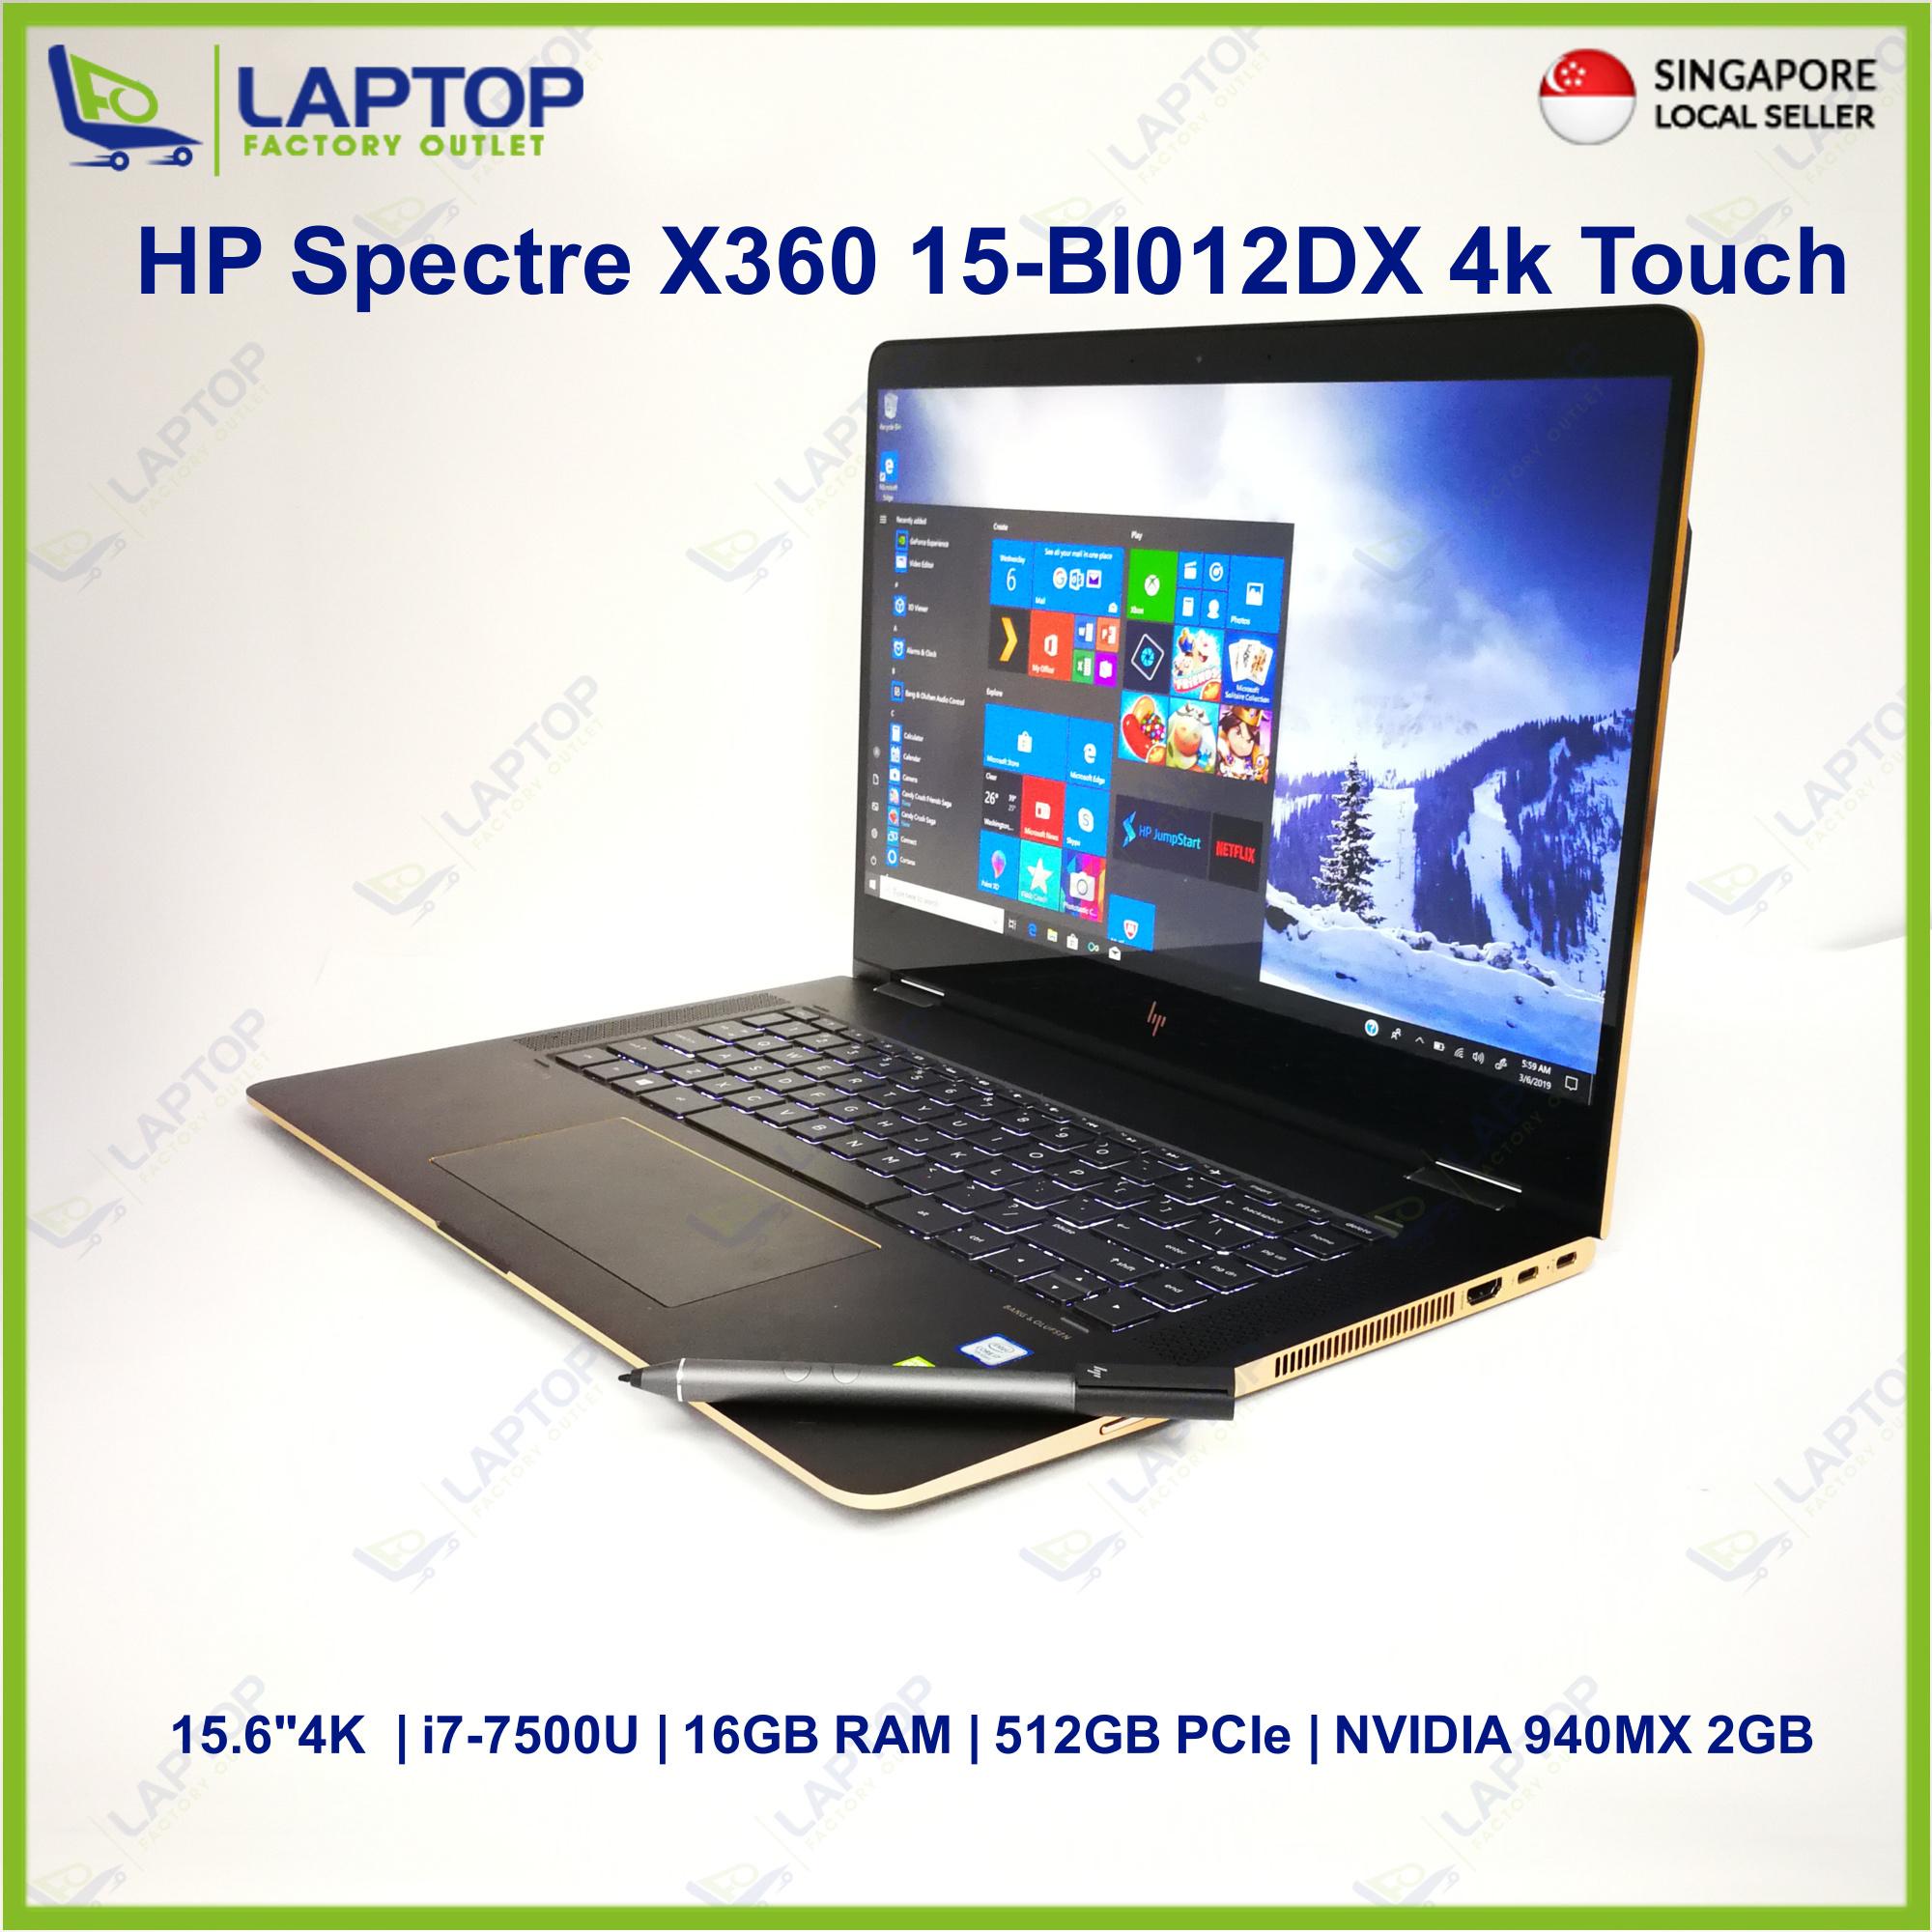 Qoo10 - HP Spectre X360 15-B : Computer & Game